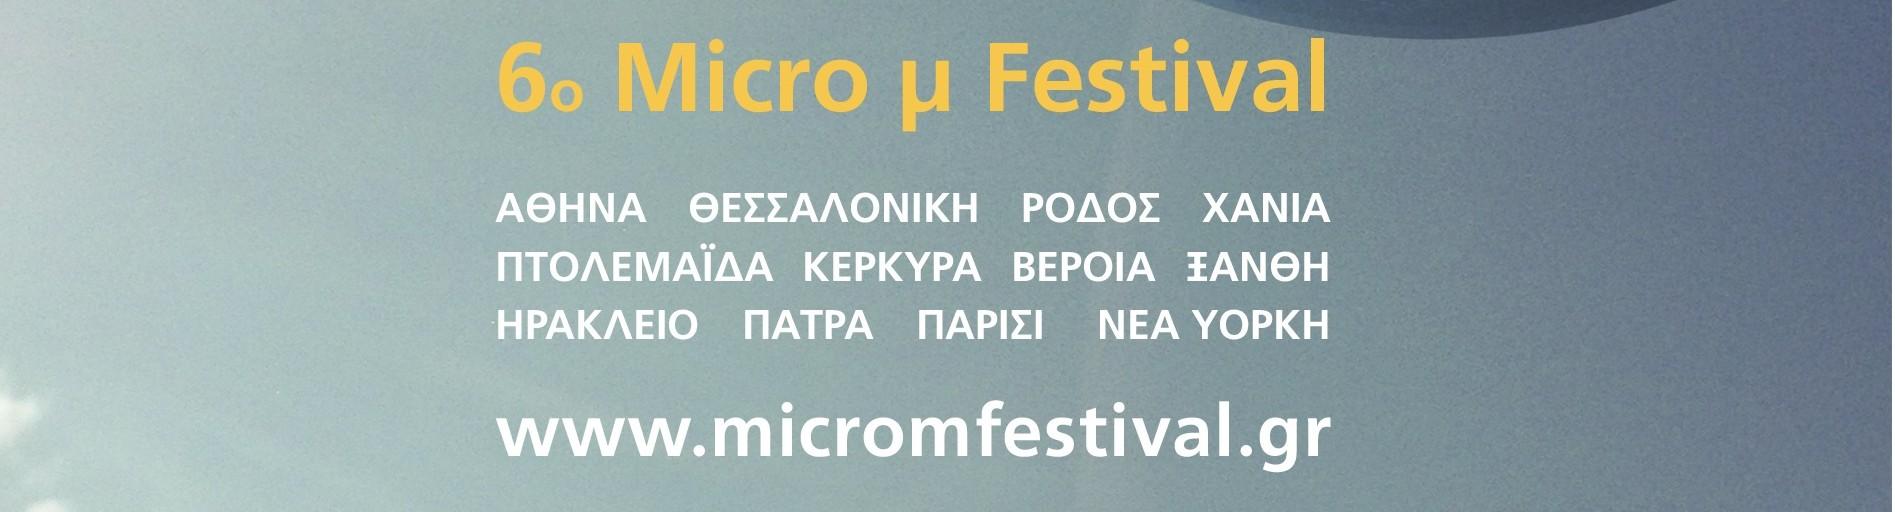 6 ο Micro μ Festival